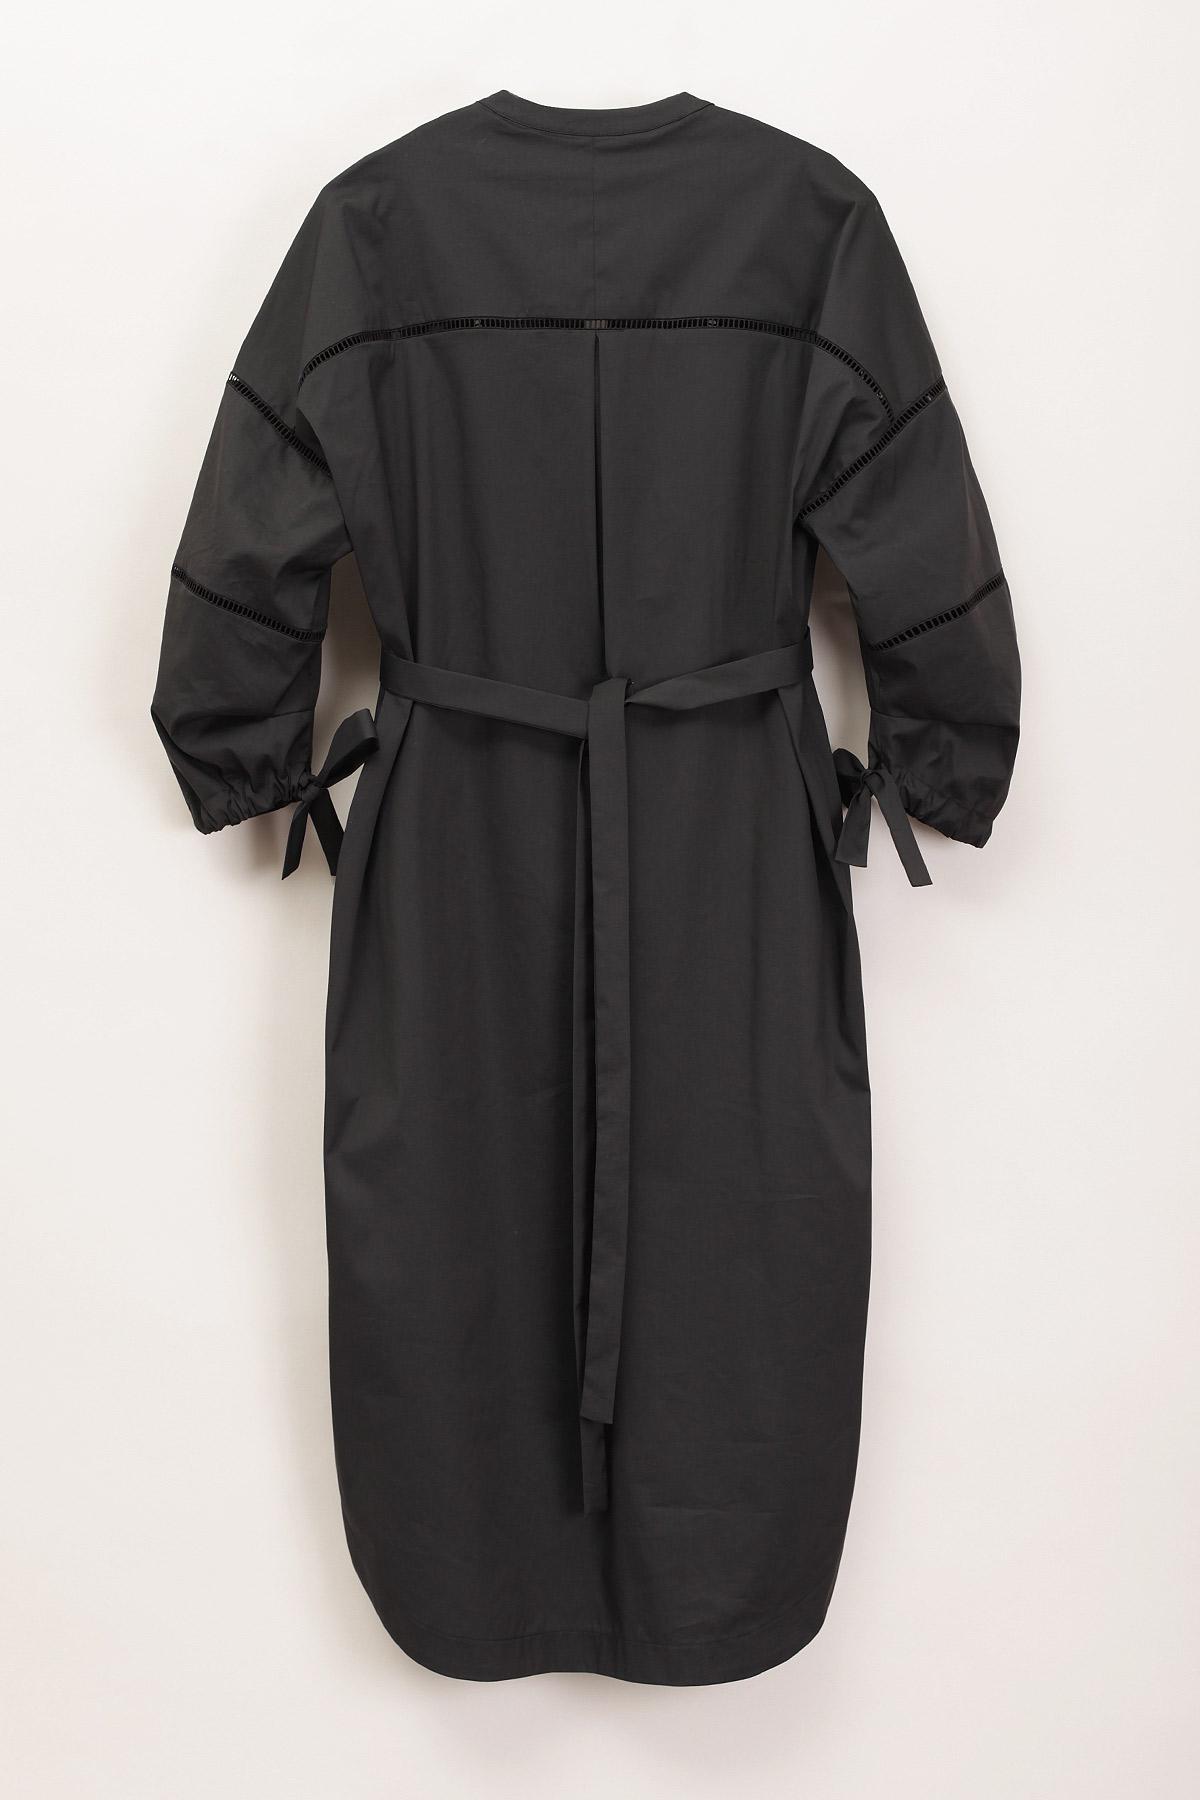 paula-immich-Kleid aus schwarzem Baumwoll-Nylongemisch mit Hohlsaumstickerei